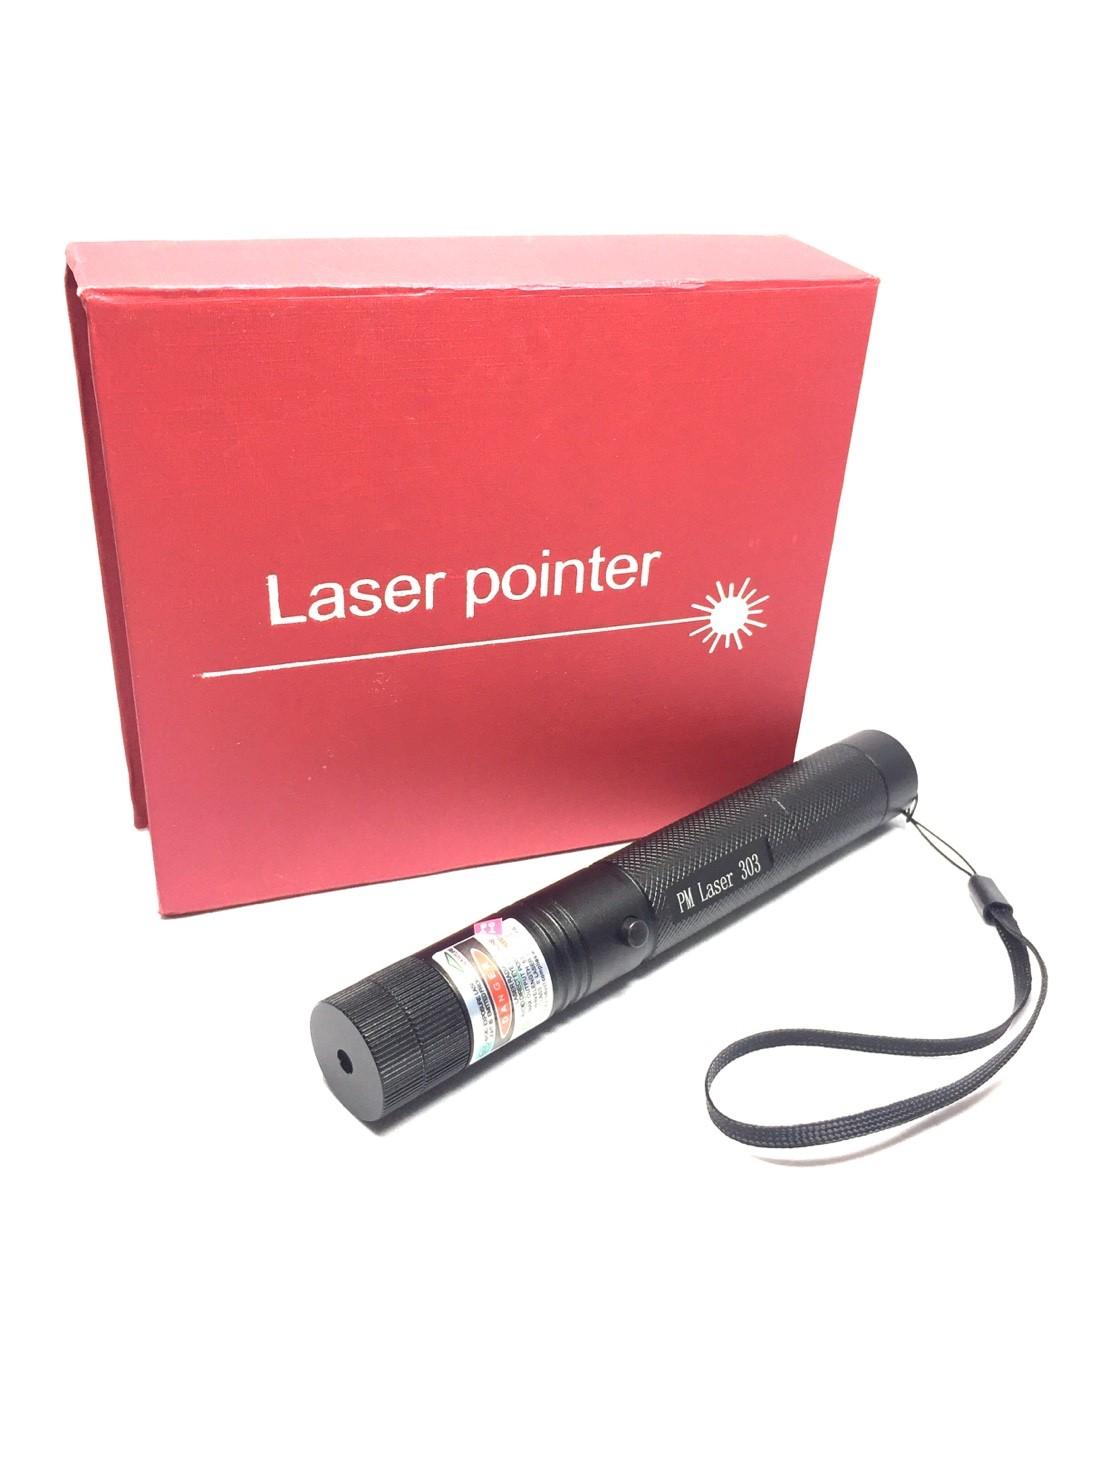 Laser pointer PM 303 แบ่ง 2 ท่อน ไฟสีเขียว